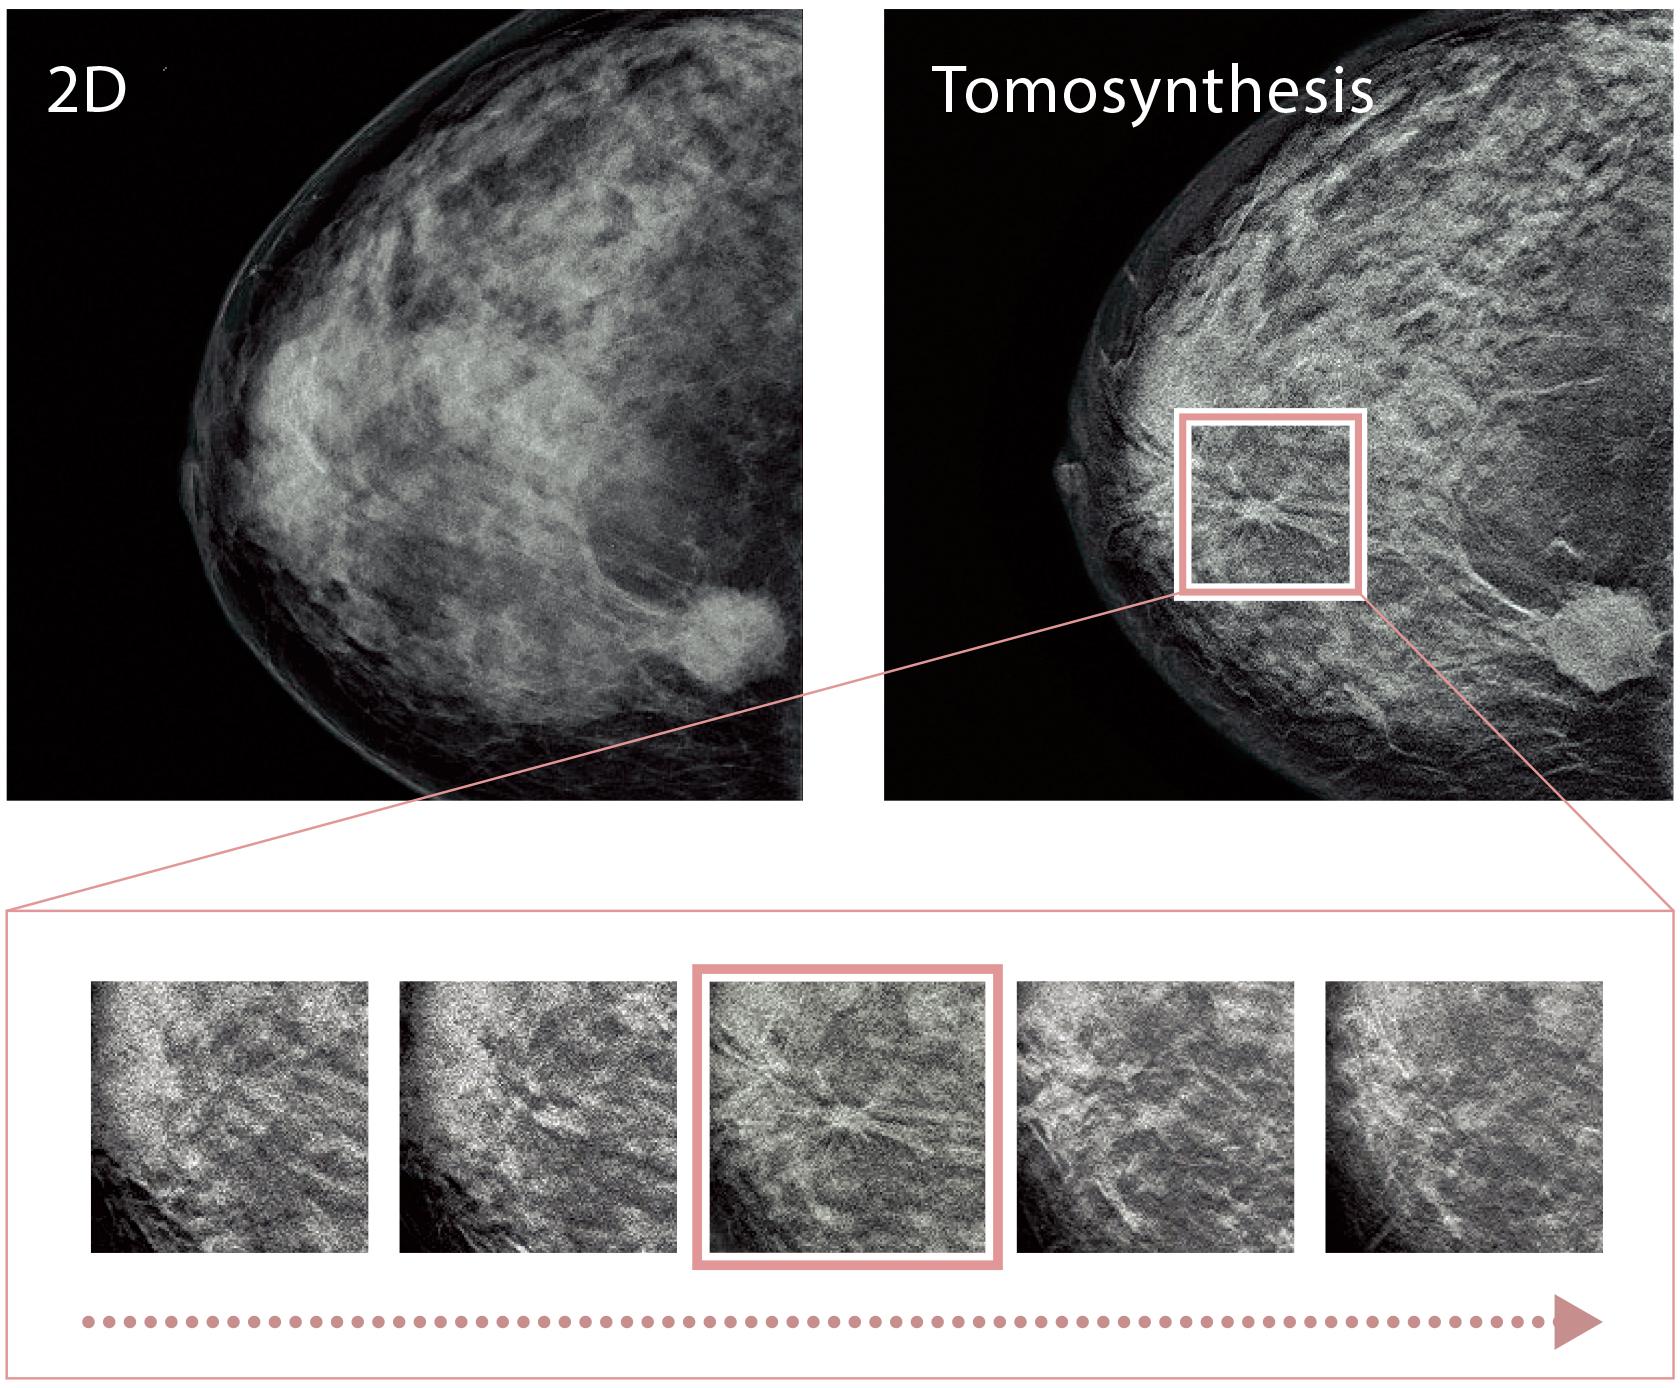 [imagem] Lado a lado de um raio X 2d e de tomossíntese com foco na borda rosa na segunda imagem e zoom em miniaturas